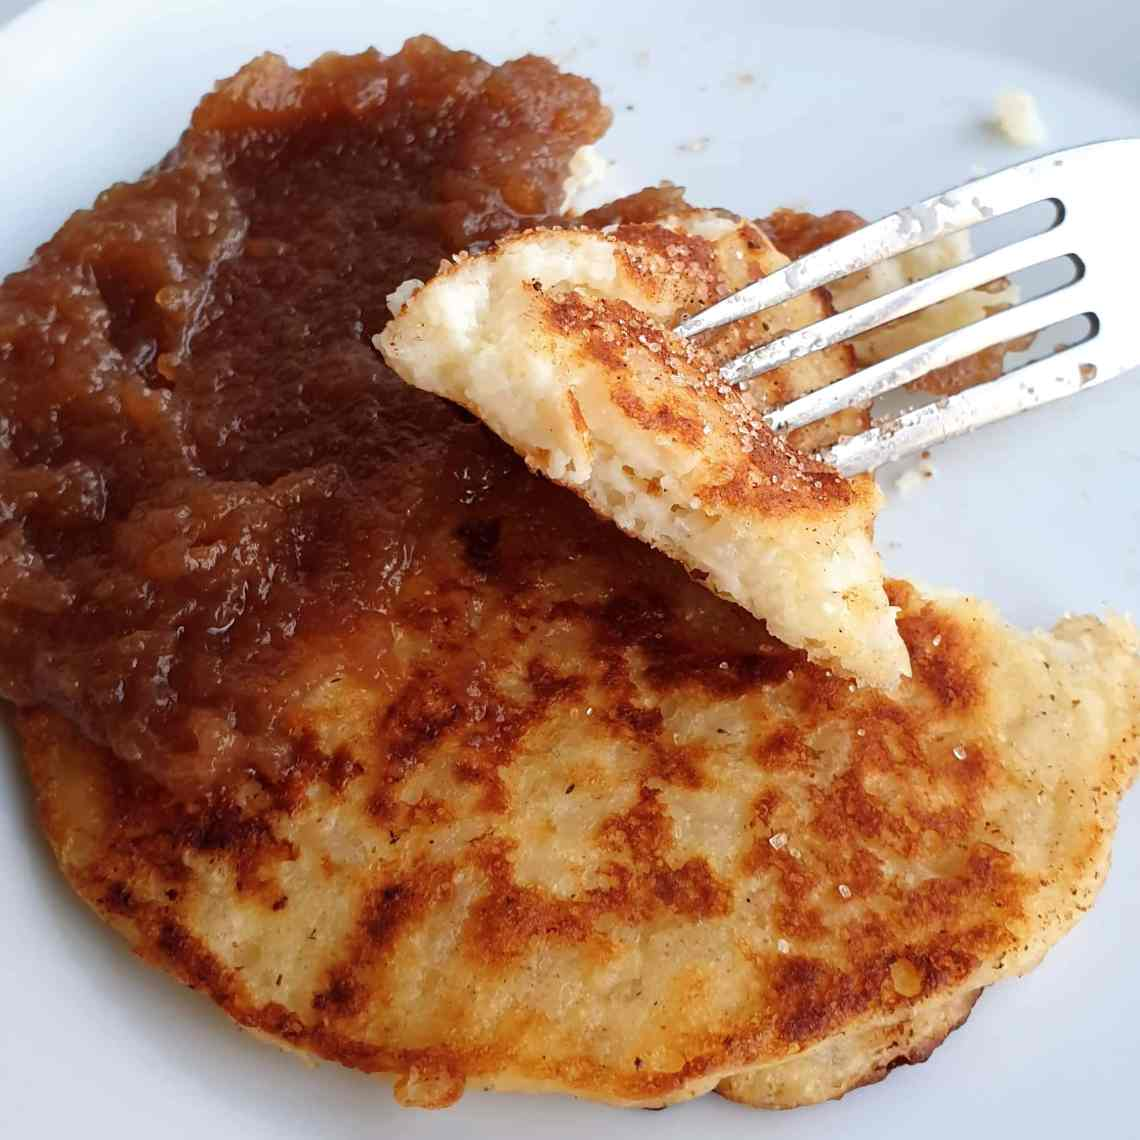 Sådan laver du klatkager – de klassiske pandekager af risengrød. Find opskrifter, gratis print og inspiration til årets gang på danishthings.com